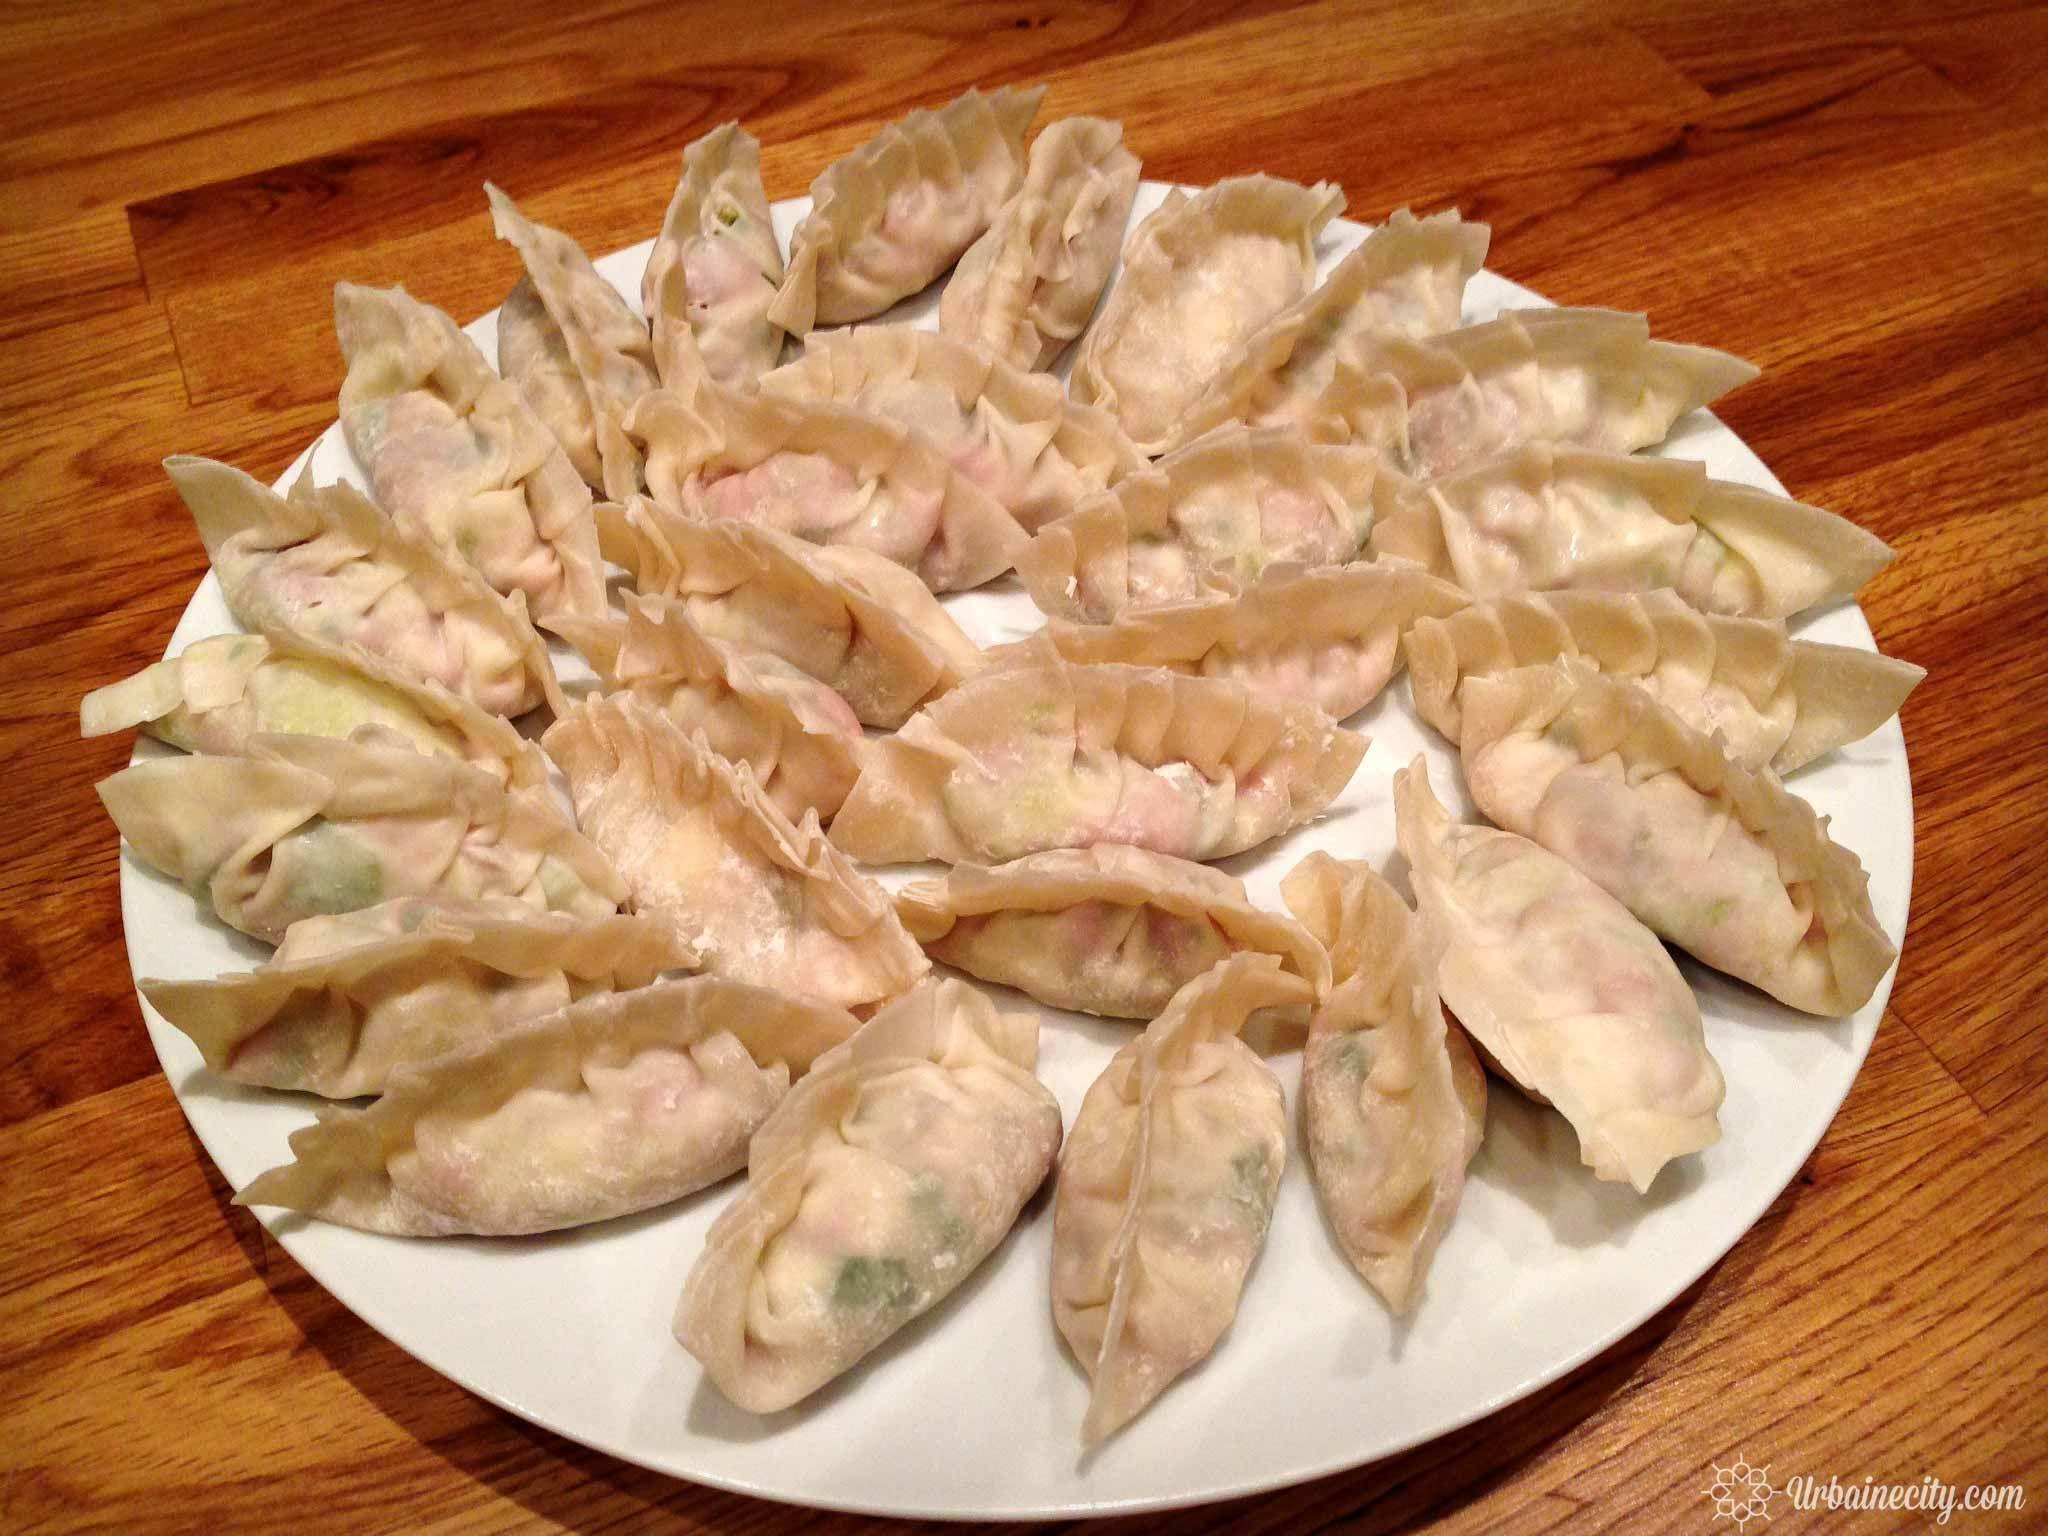 Recette et technique pour faire ses propres dumplings (raviolis chinois)